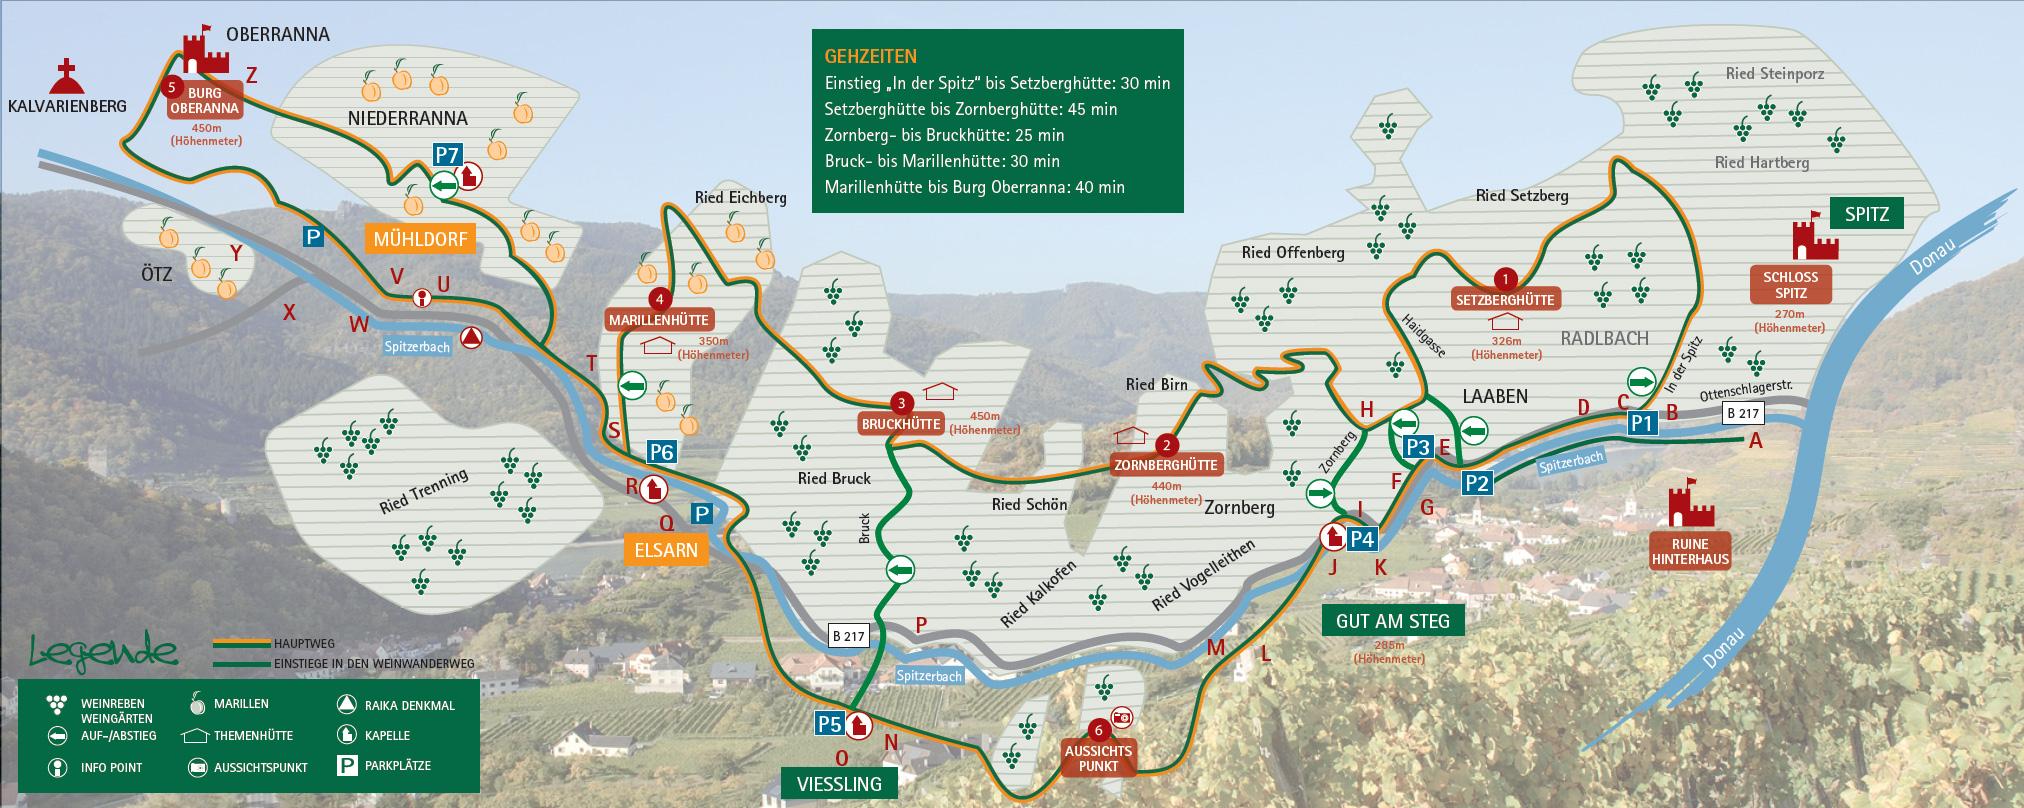 Wachau Karte.Wachau Infos